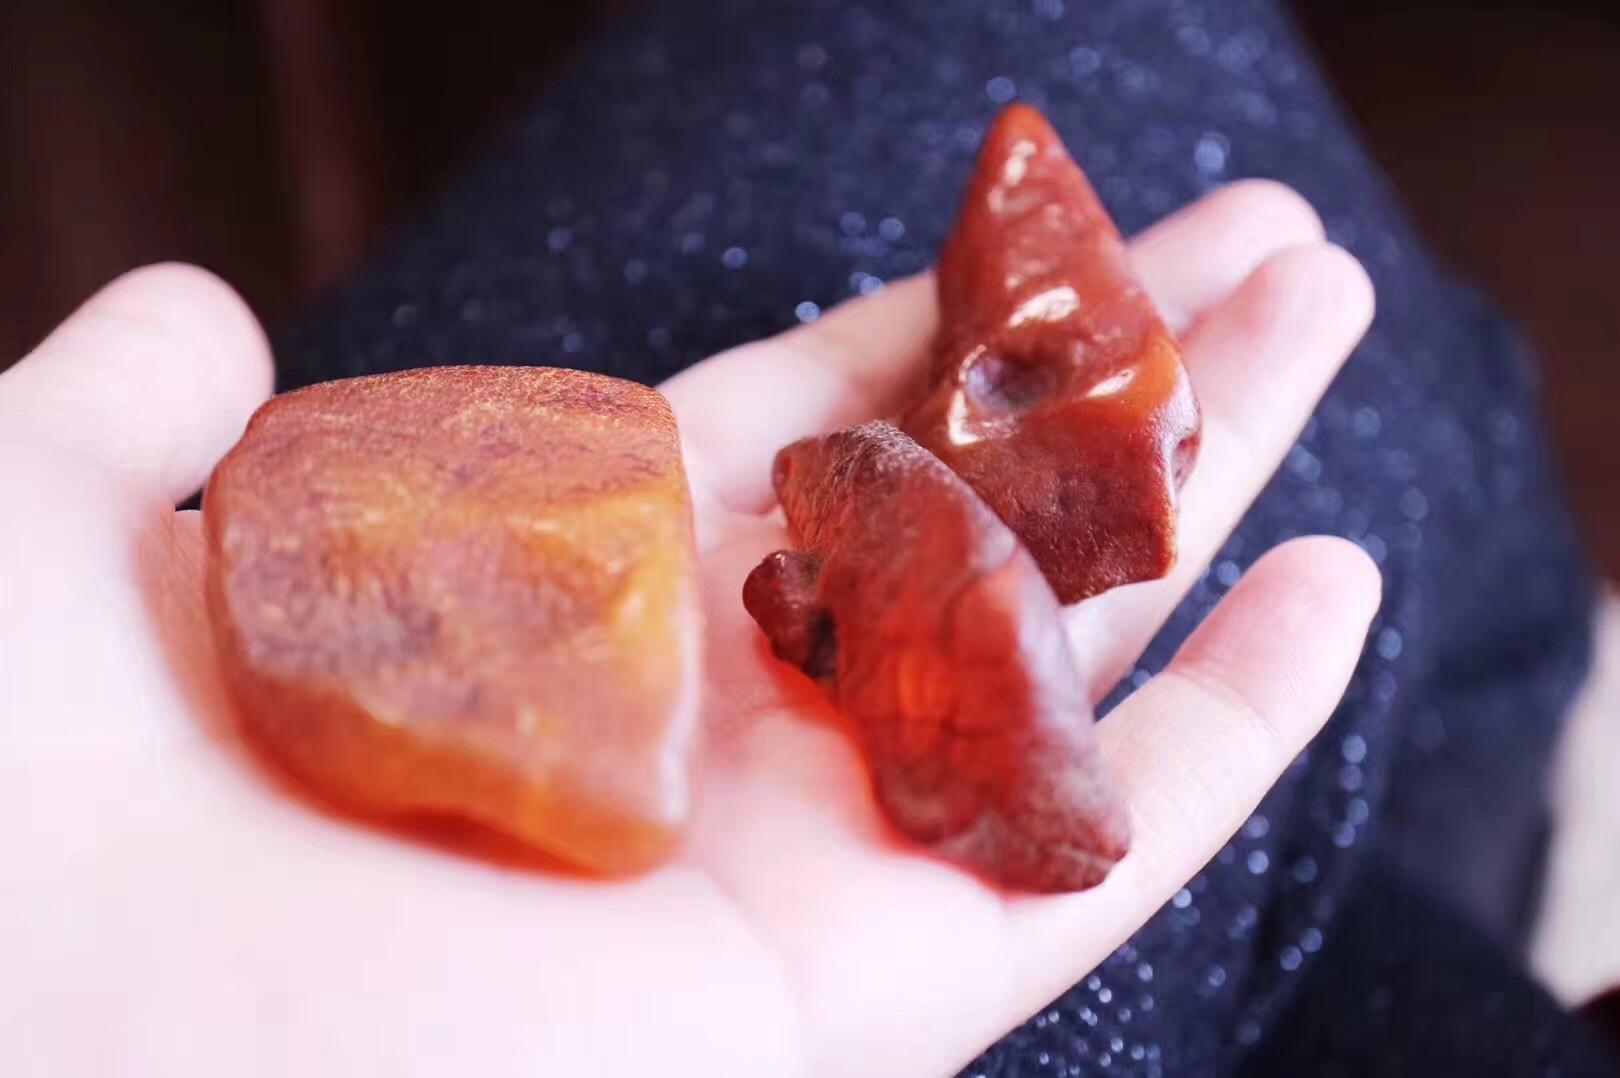 【菩心-蜜蜡原石】玩原石便是人和天地自然的对话,你是原石控么?-菩心晶舍